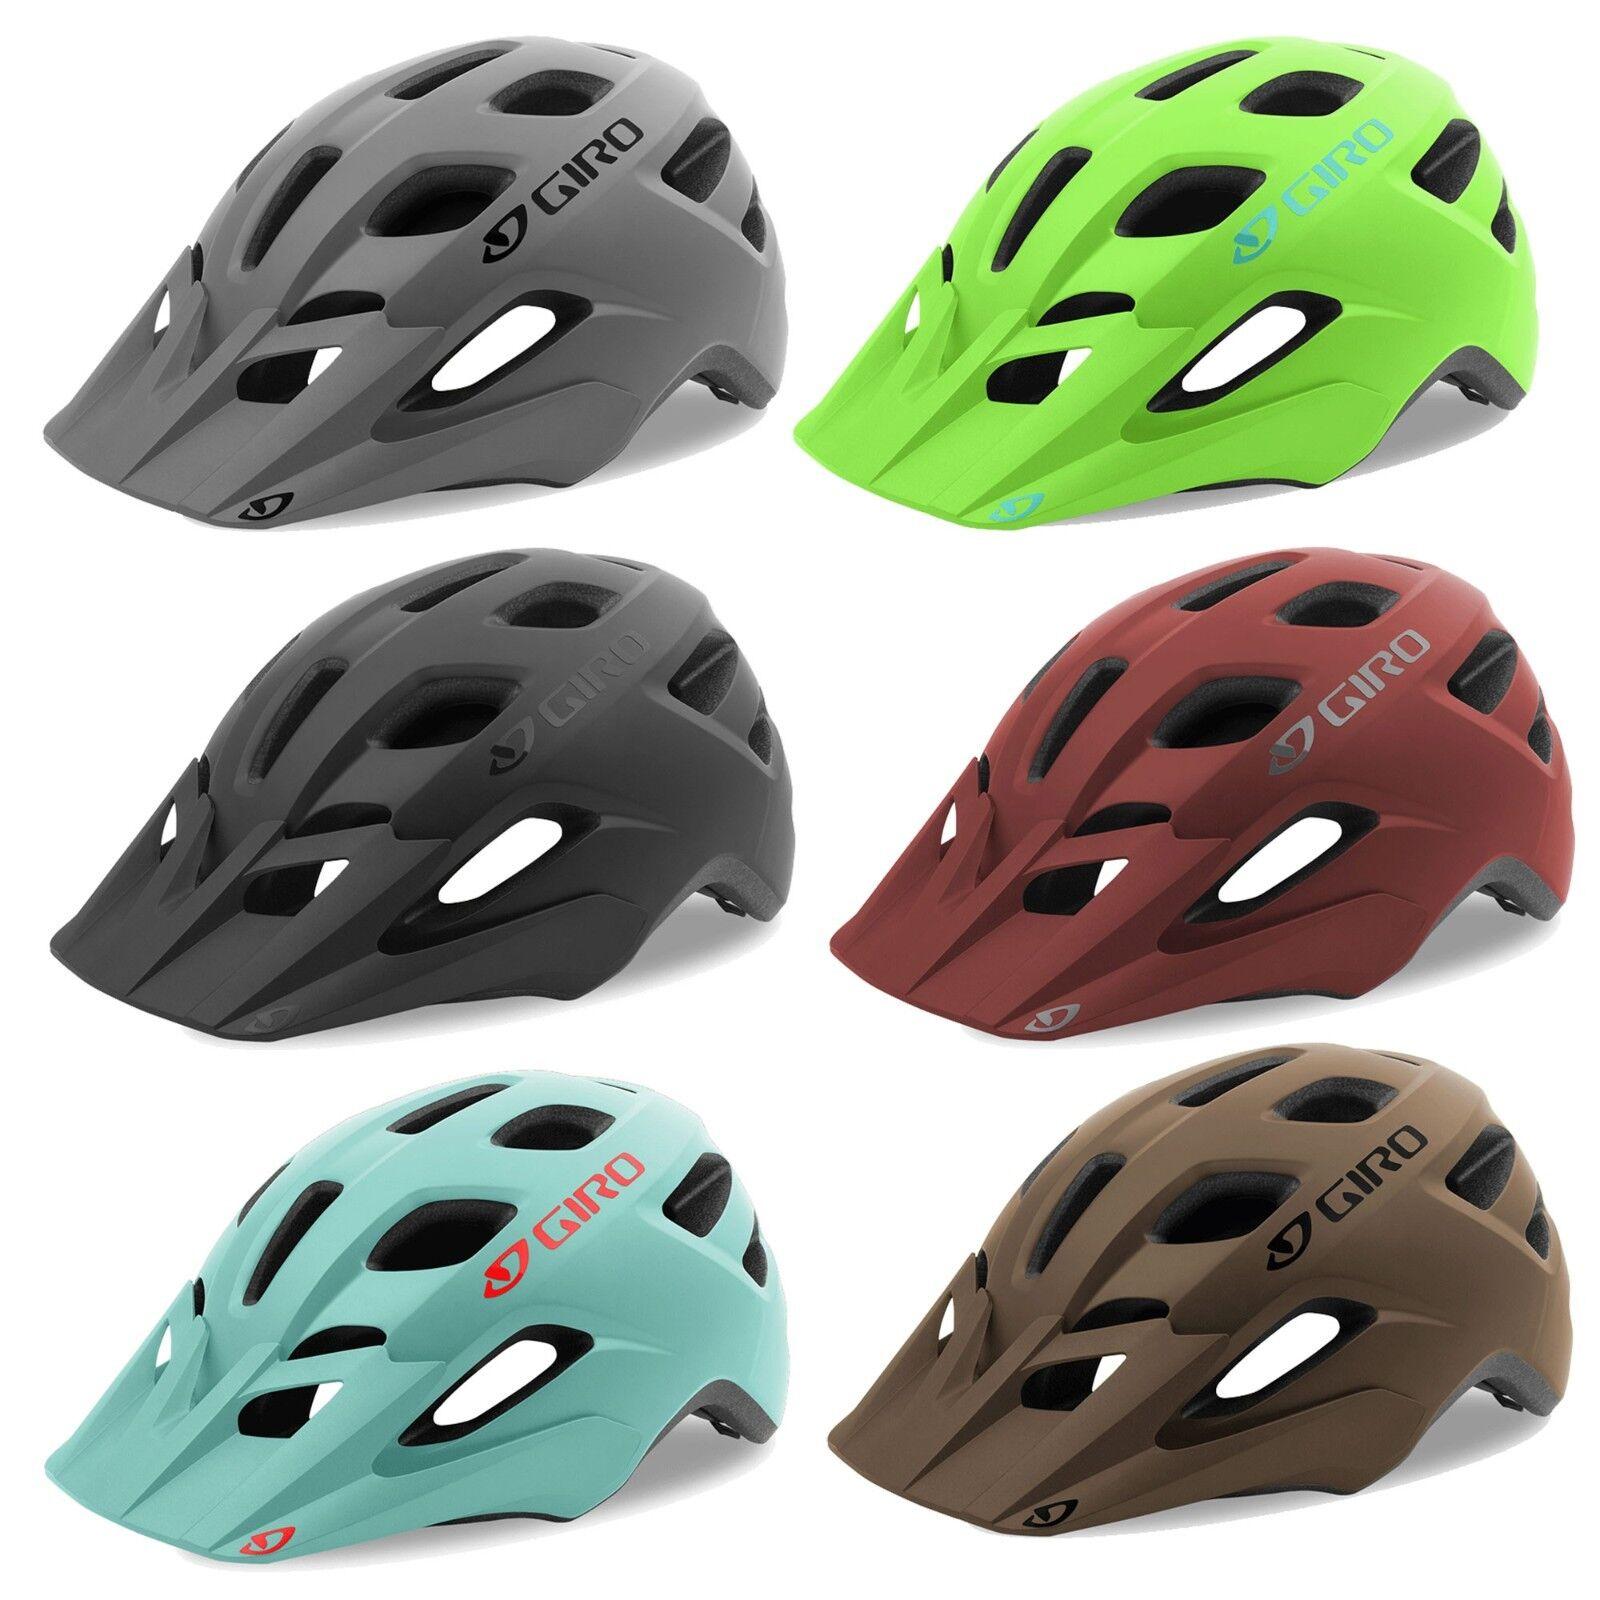 Giro accesorio casco 2018 Bicicleta De Montaña  Trail Enduro Ciclismo-UniTalla Adulto  precioso